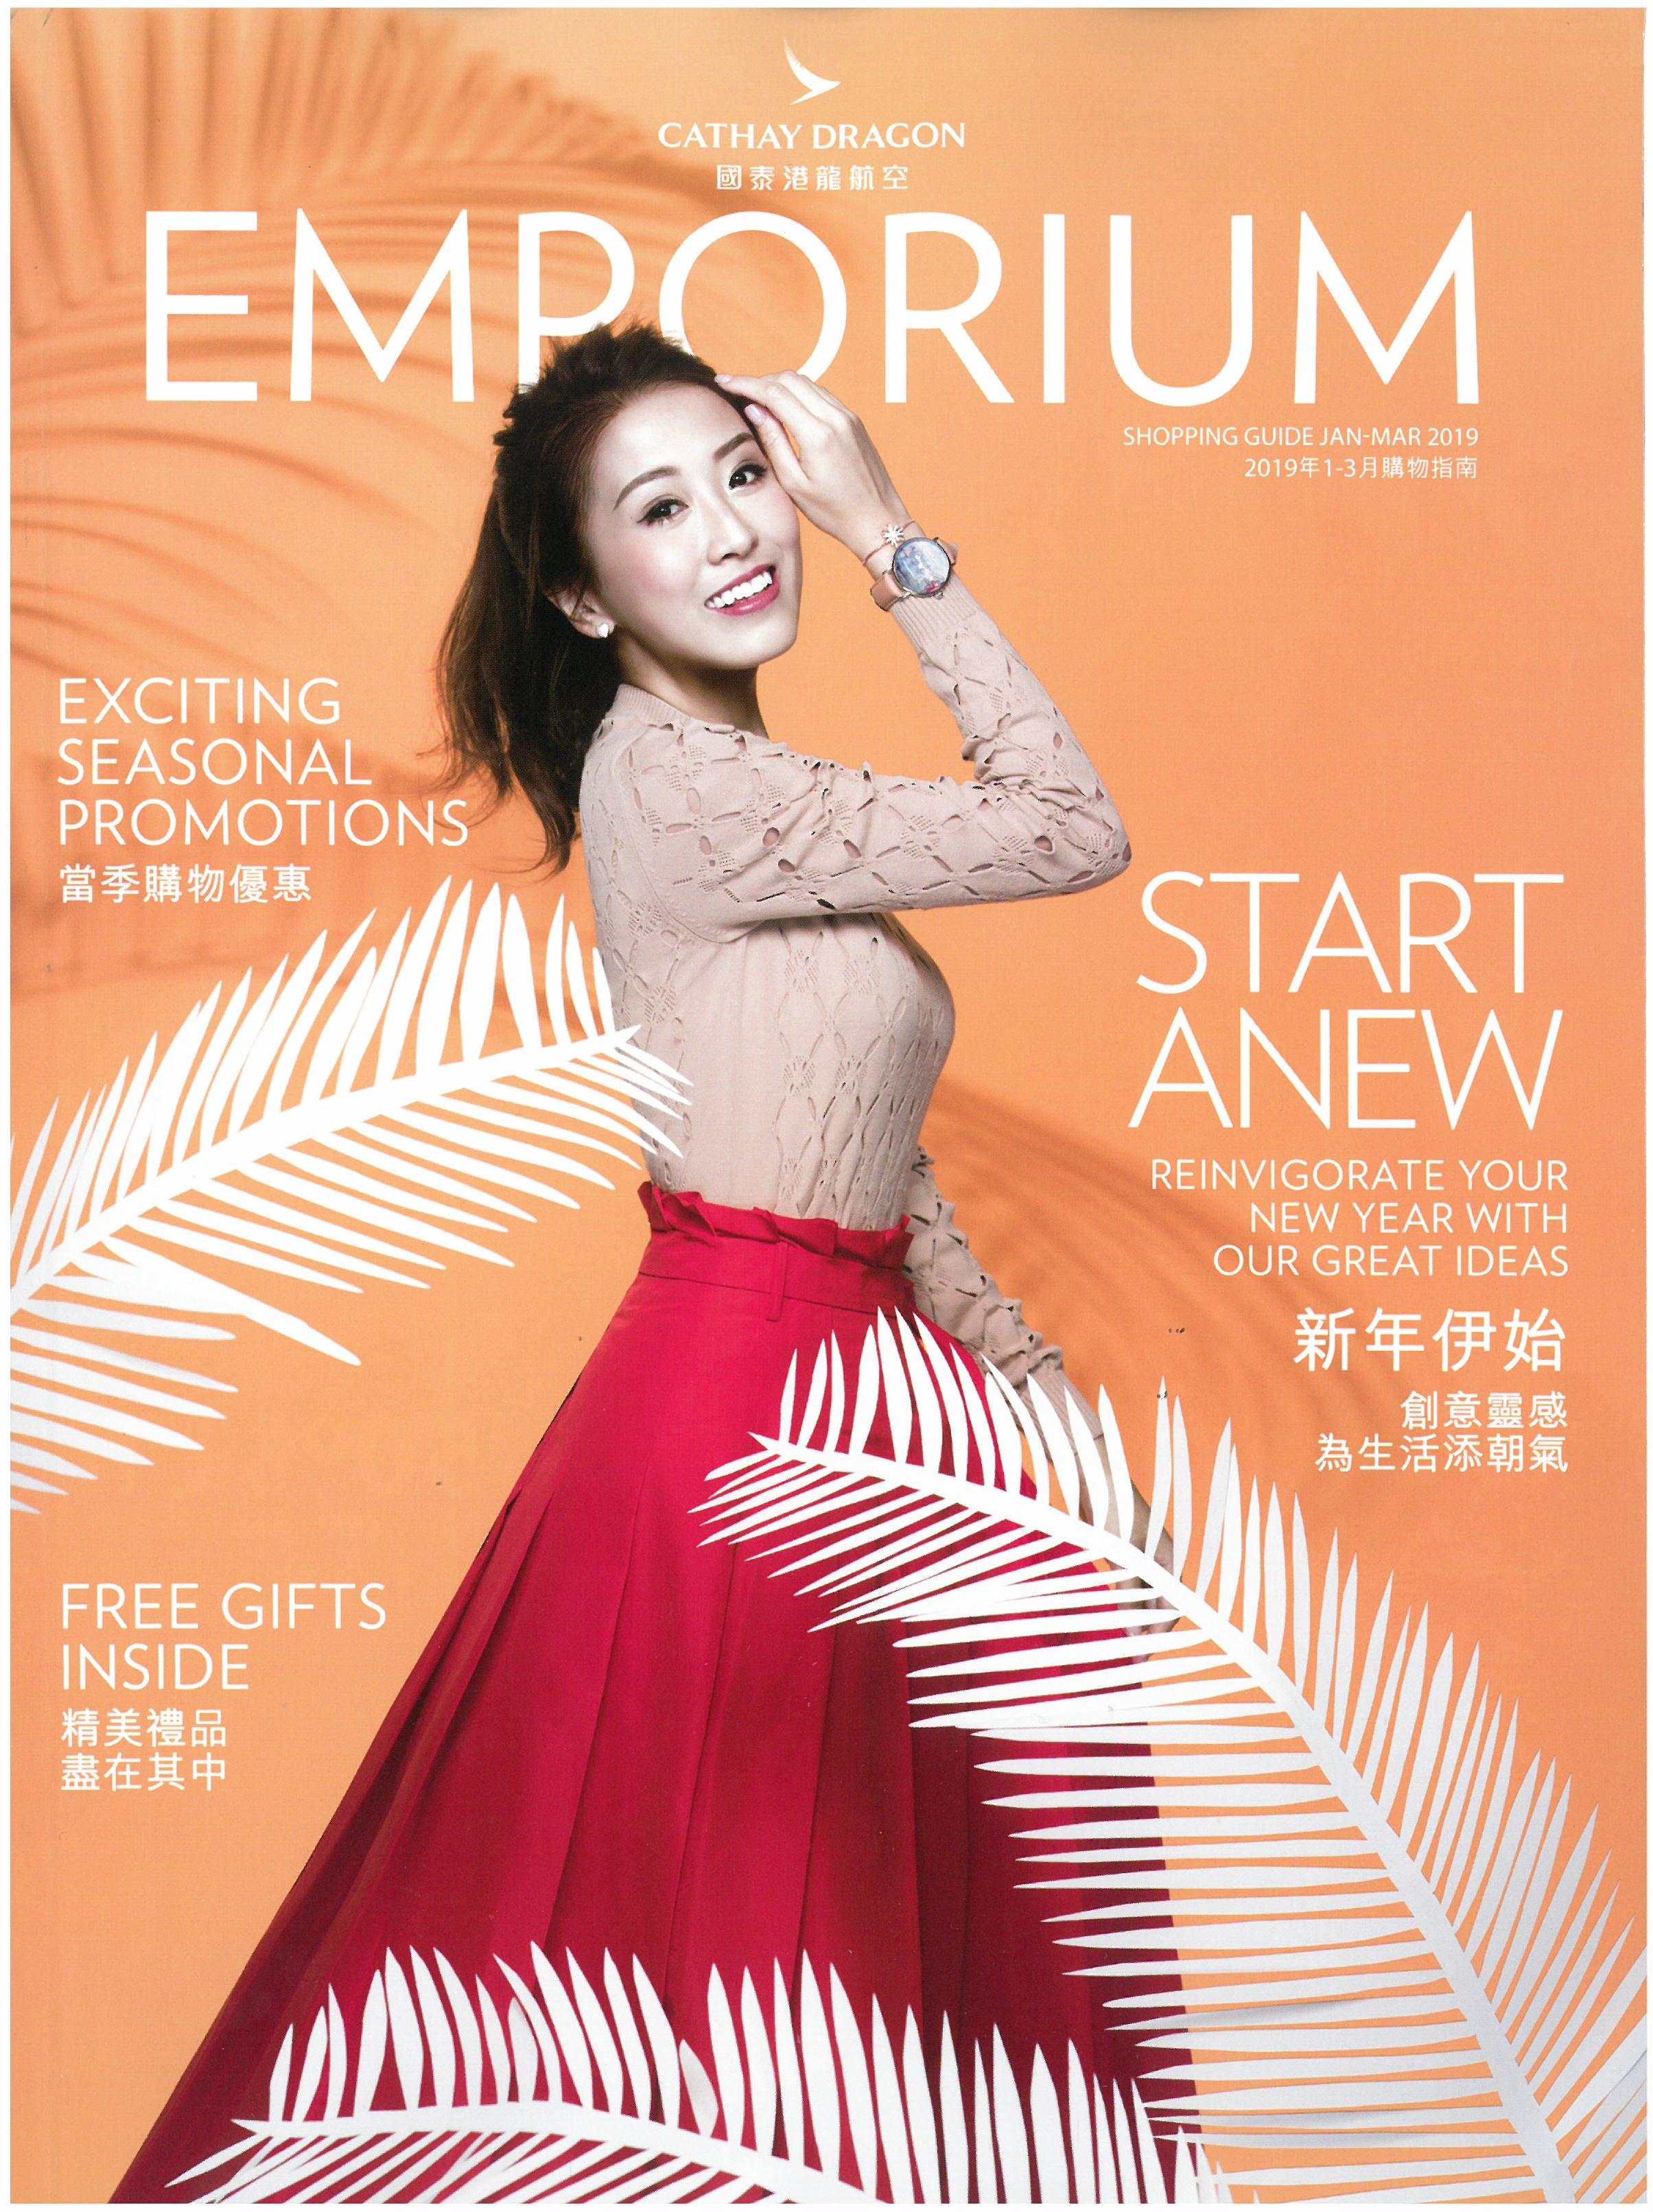 Emporium_01-19.jpg